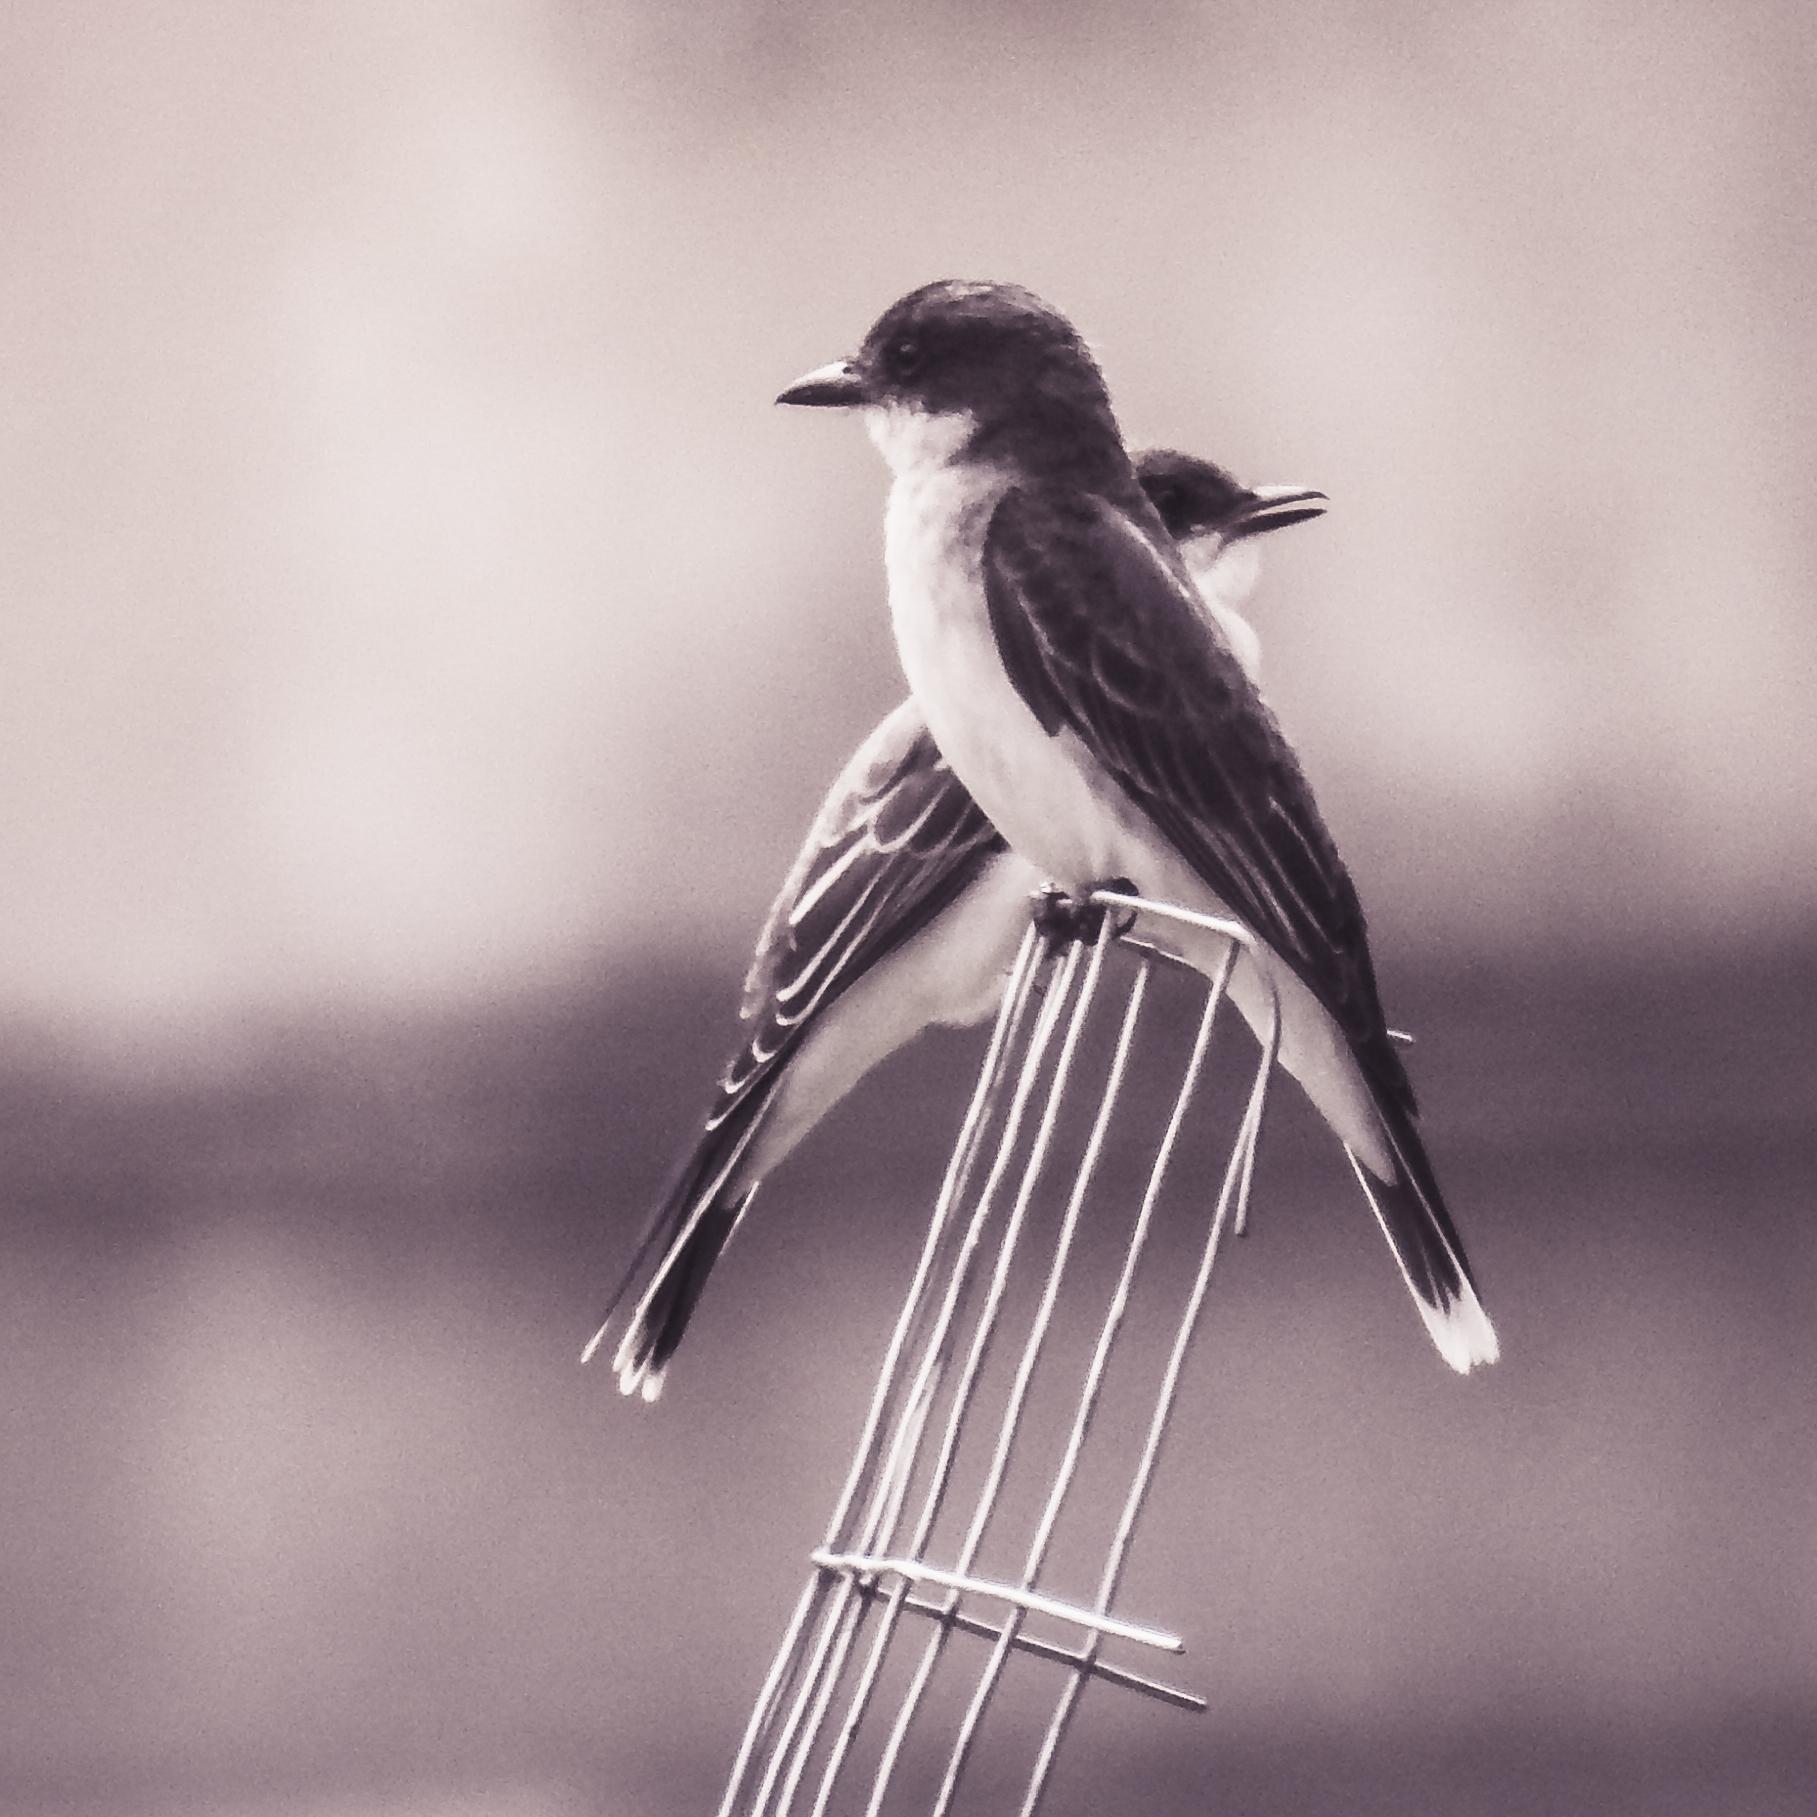 Kingbirds (Tyrannus tyrannus) Photo: Rose Anderson, July 2018